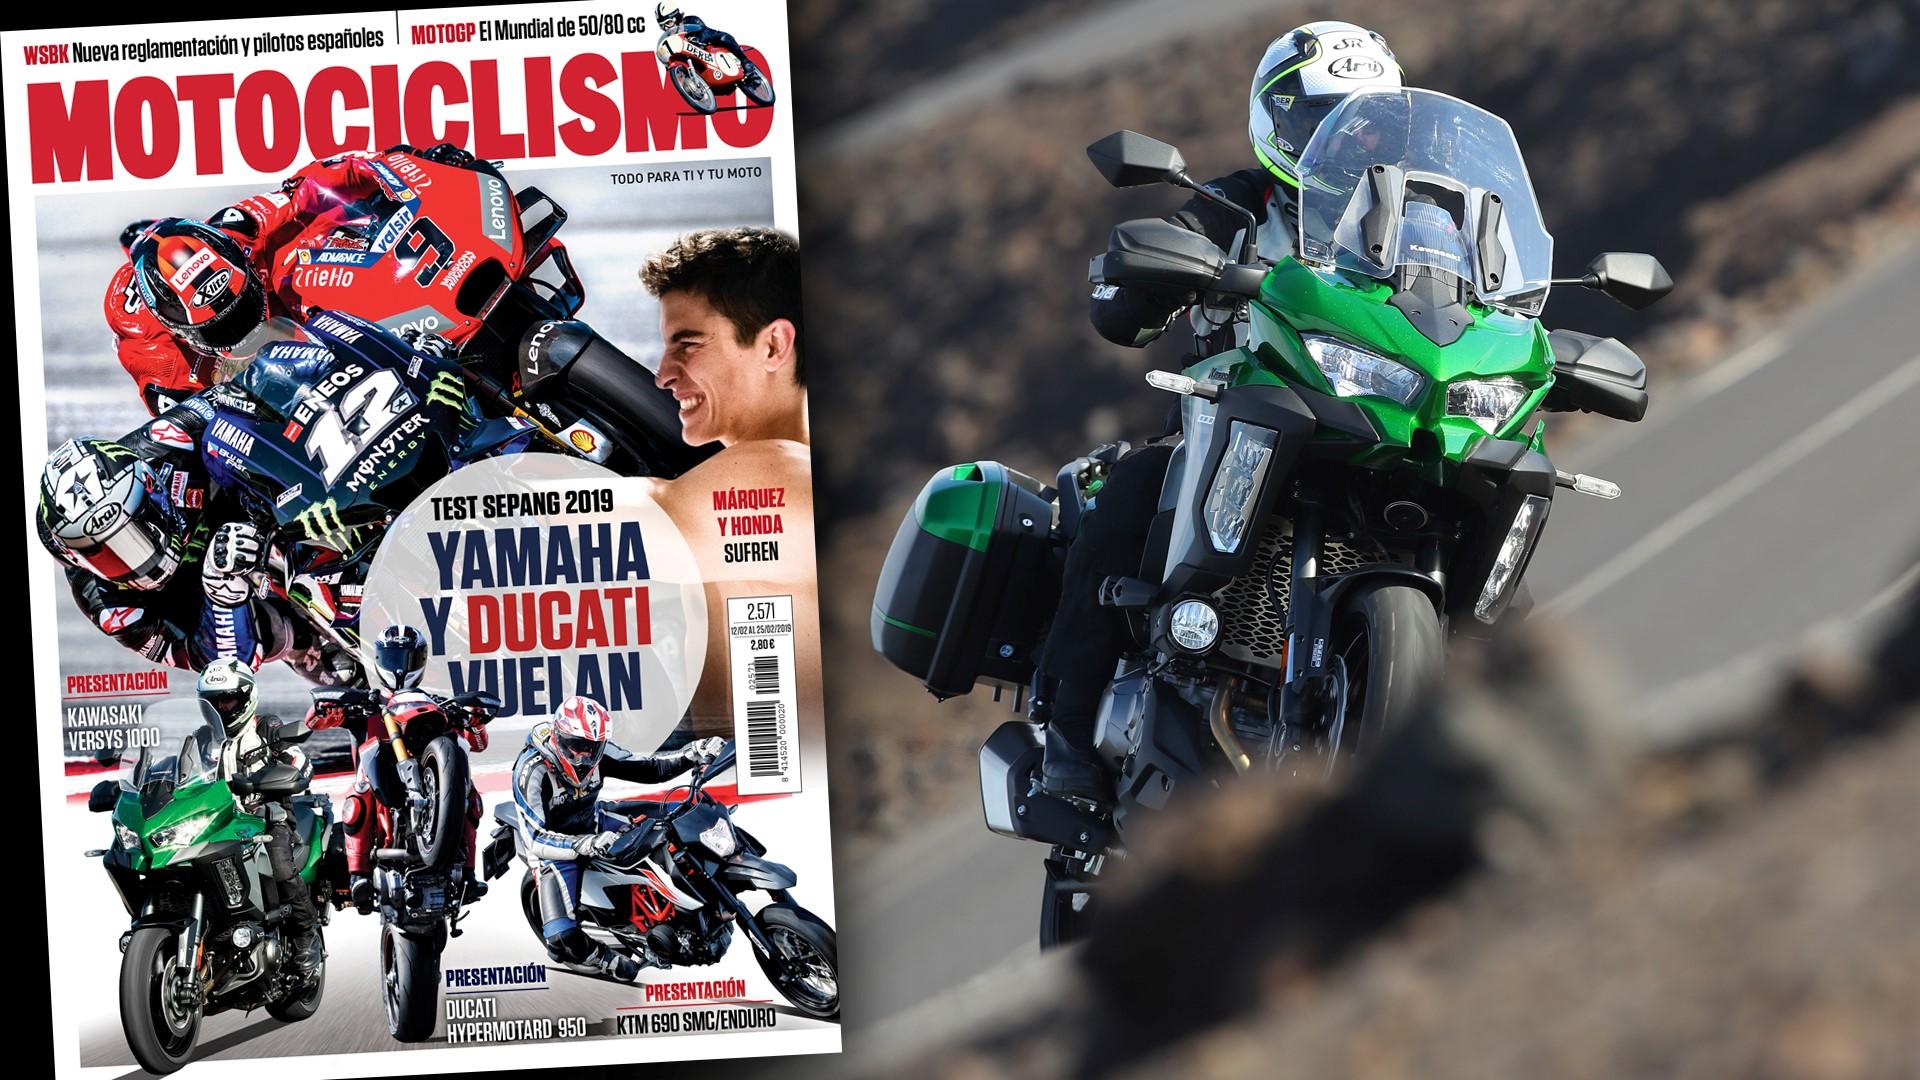 MOTOCICLISMO 2571, contenidos y sumario de la revista